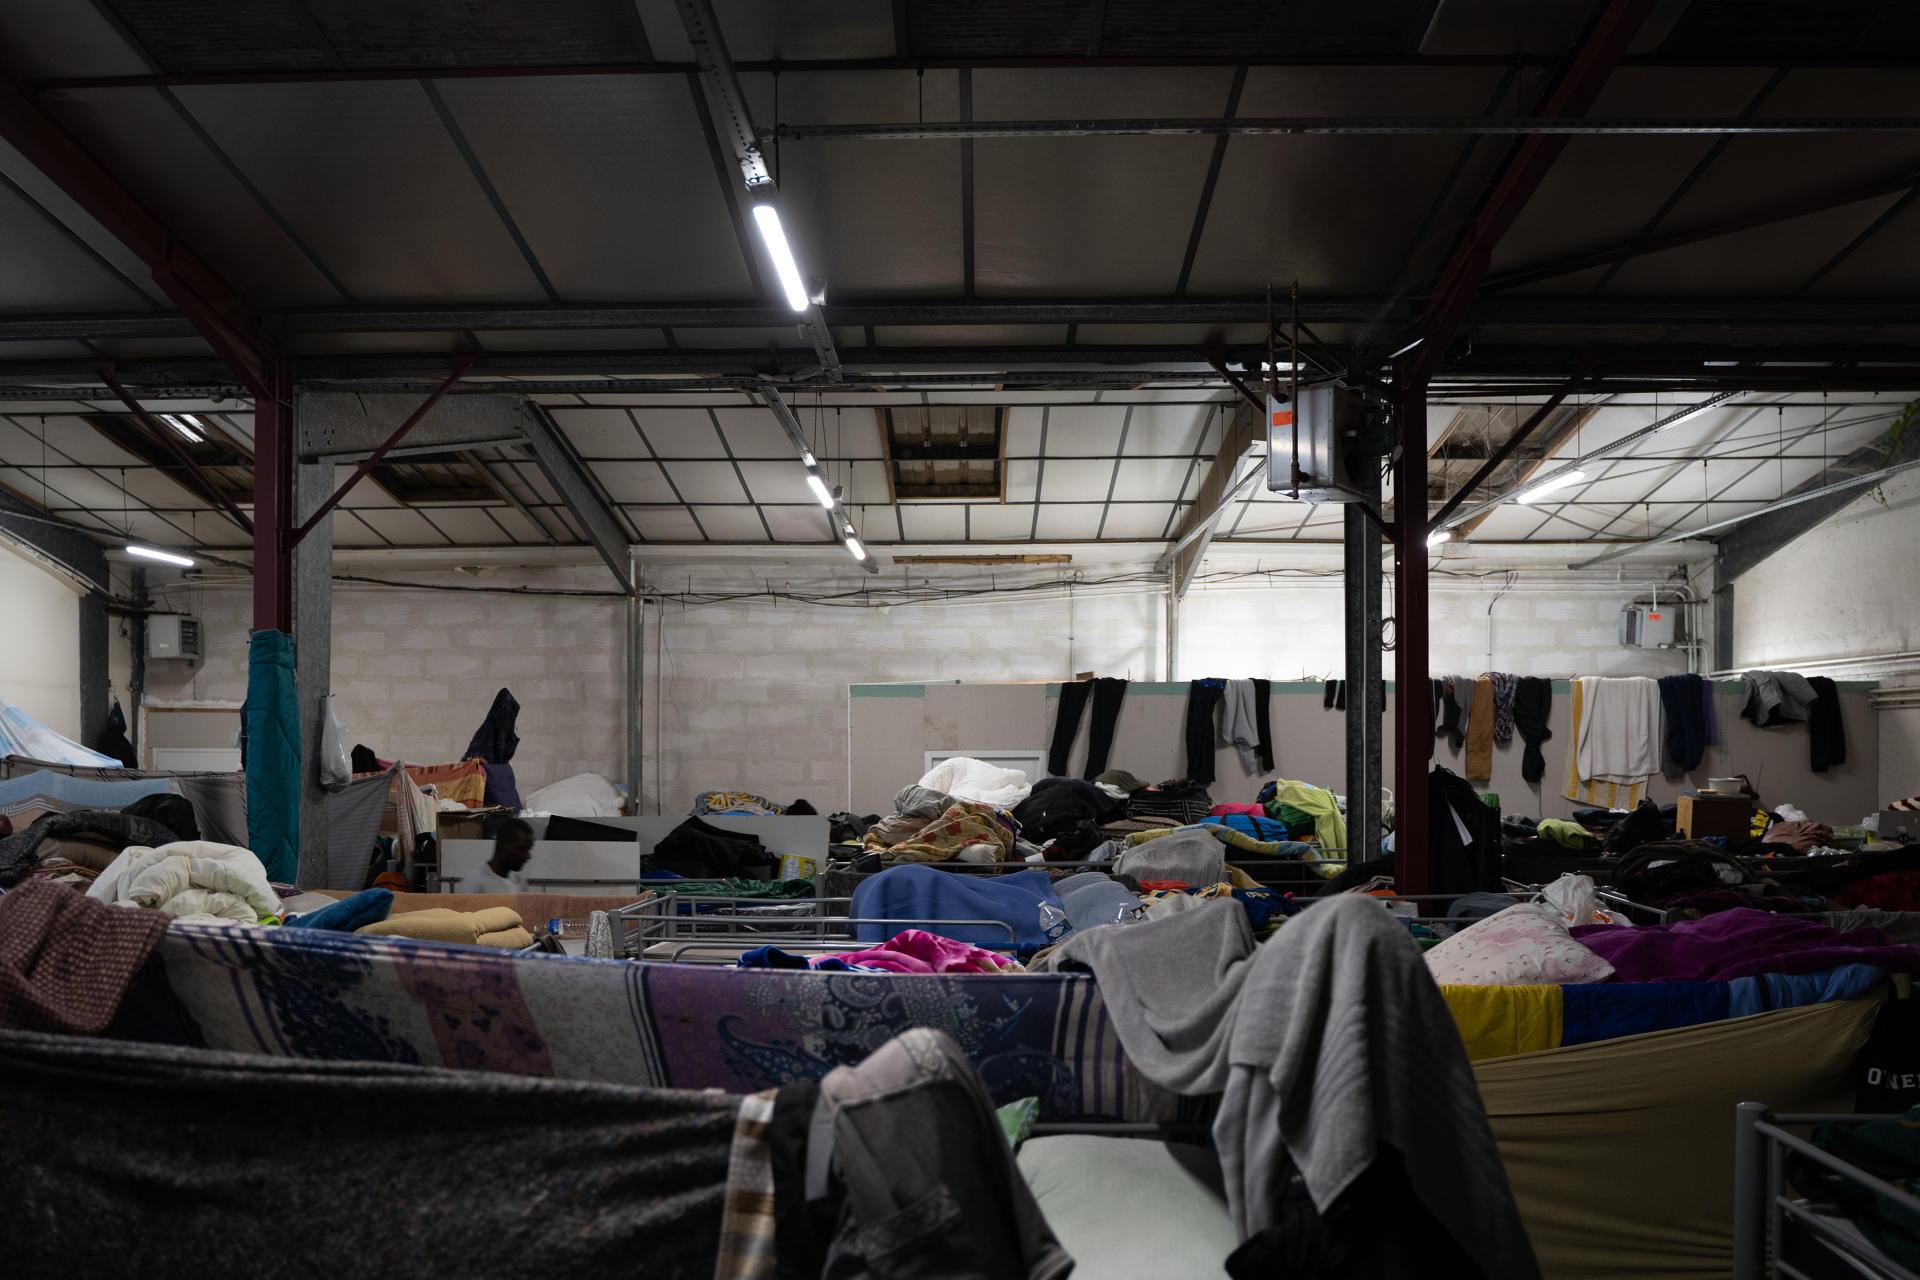 Dans le hangar principal qui sert de dortoir et qui réunit une trentaine de lits superposés, soit 60 places. C'est le seul espace non chauffé du squat de Montreuil.